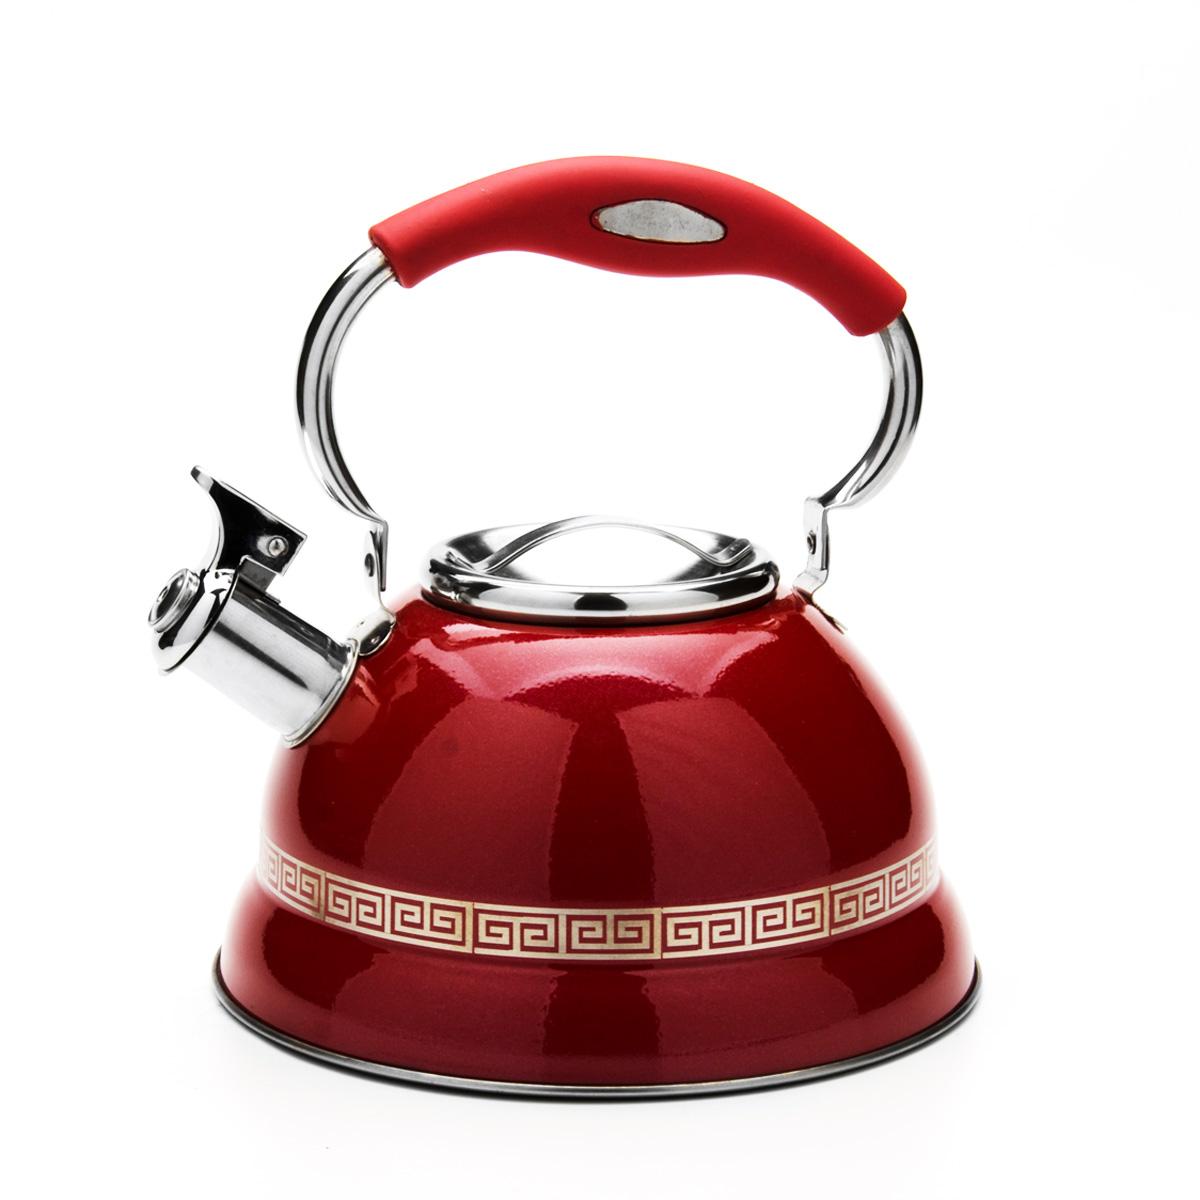 Чайник Mayer & Boch со свистком, цвет: красный, 2,7 л. 2358323583Чайник Mayer & Boch выполнен из высококачественной нержавеющей стали, что обеспечивает долговечность использования. Внешнее цветное эмалевое покрытие придает приятный внешний вид. Изделие декорировано оригинальным орнаментом. Подвижная ручка из нейлона делает использование чайника очень удобным и безопасным. Чайник снабжен свистком и устройством для открывания носика, которое находится на ручке. Можно мыть в посудомоечной машине. Пригоден для всех видов плит, включая индукционные.